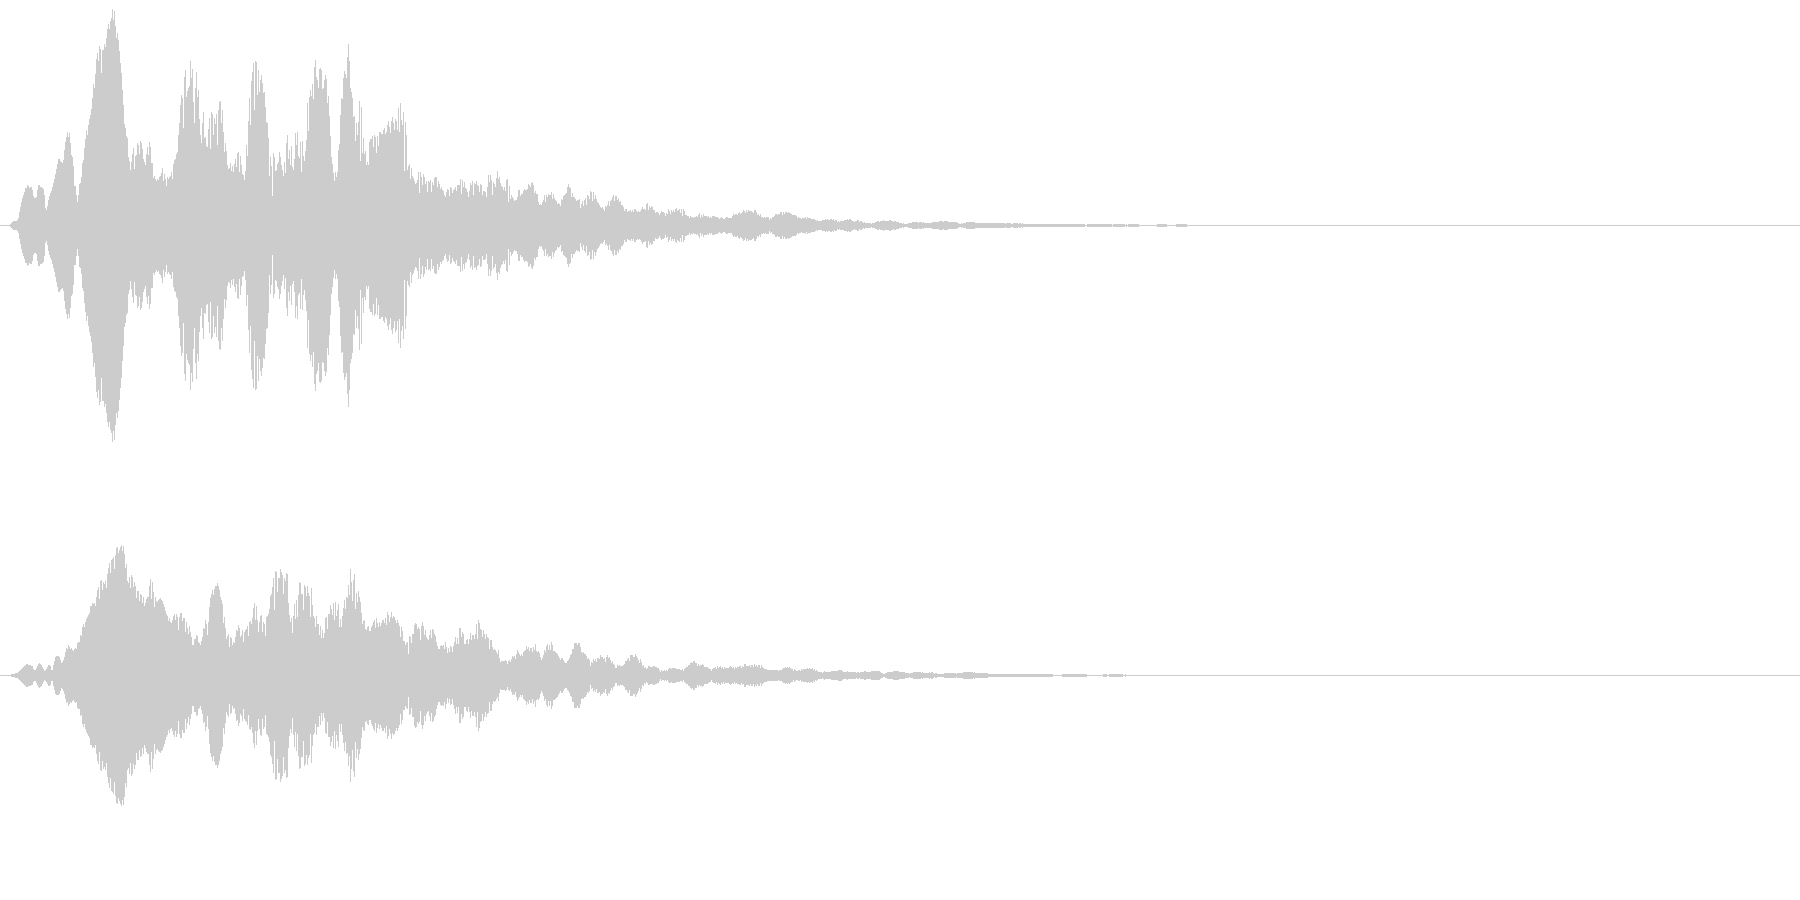 アイテム獲得や決定音等に使えます。の未再生の波形